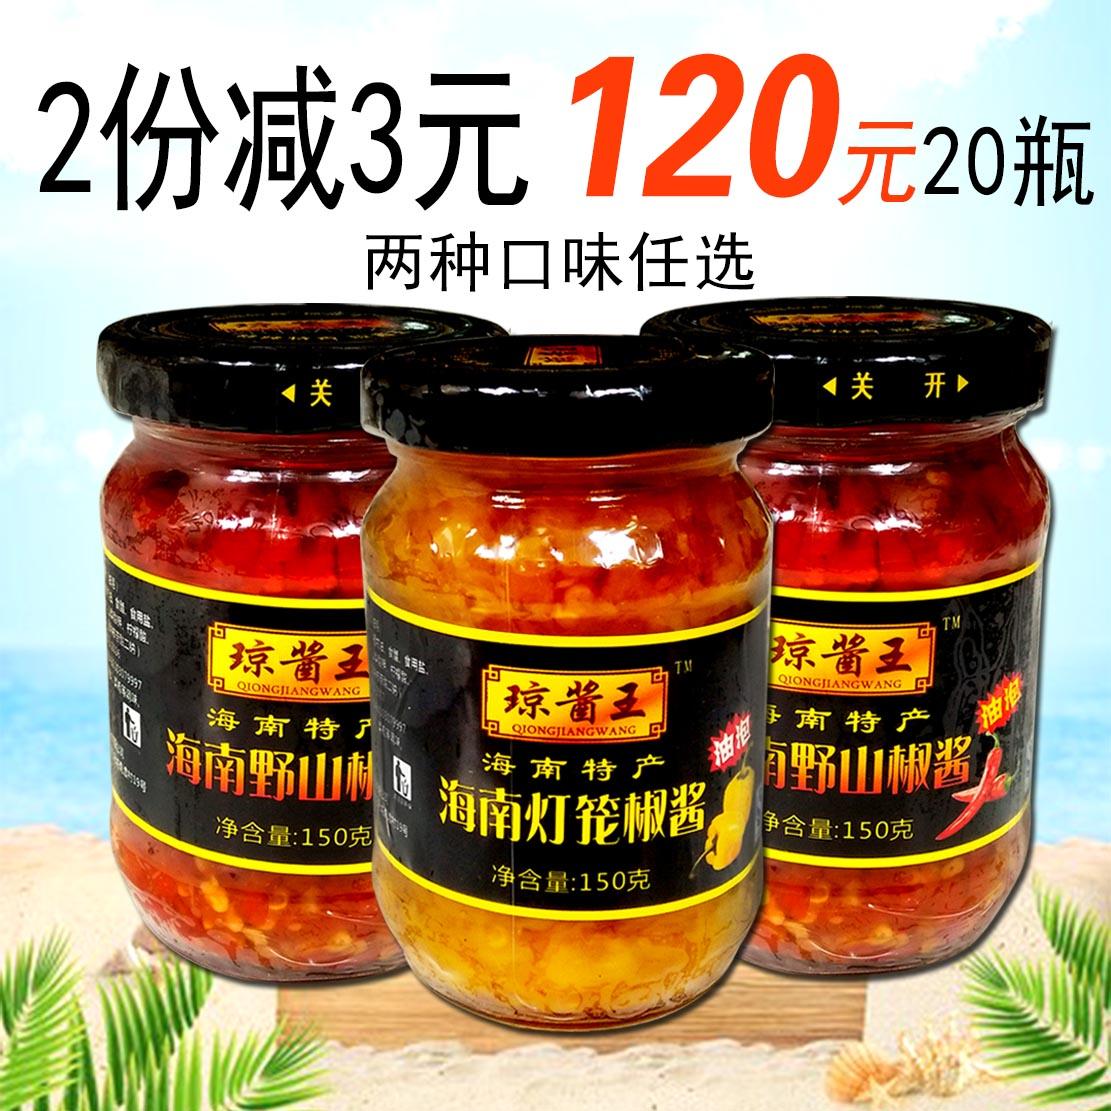 海南特产 琼酱王 黄灯笼椒/野山椒辣椒酱150gX3瓶 油泡特辣无南瓜